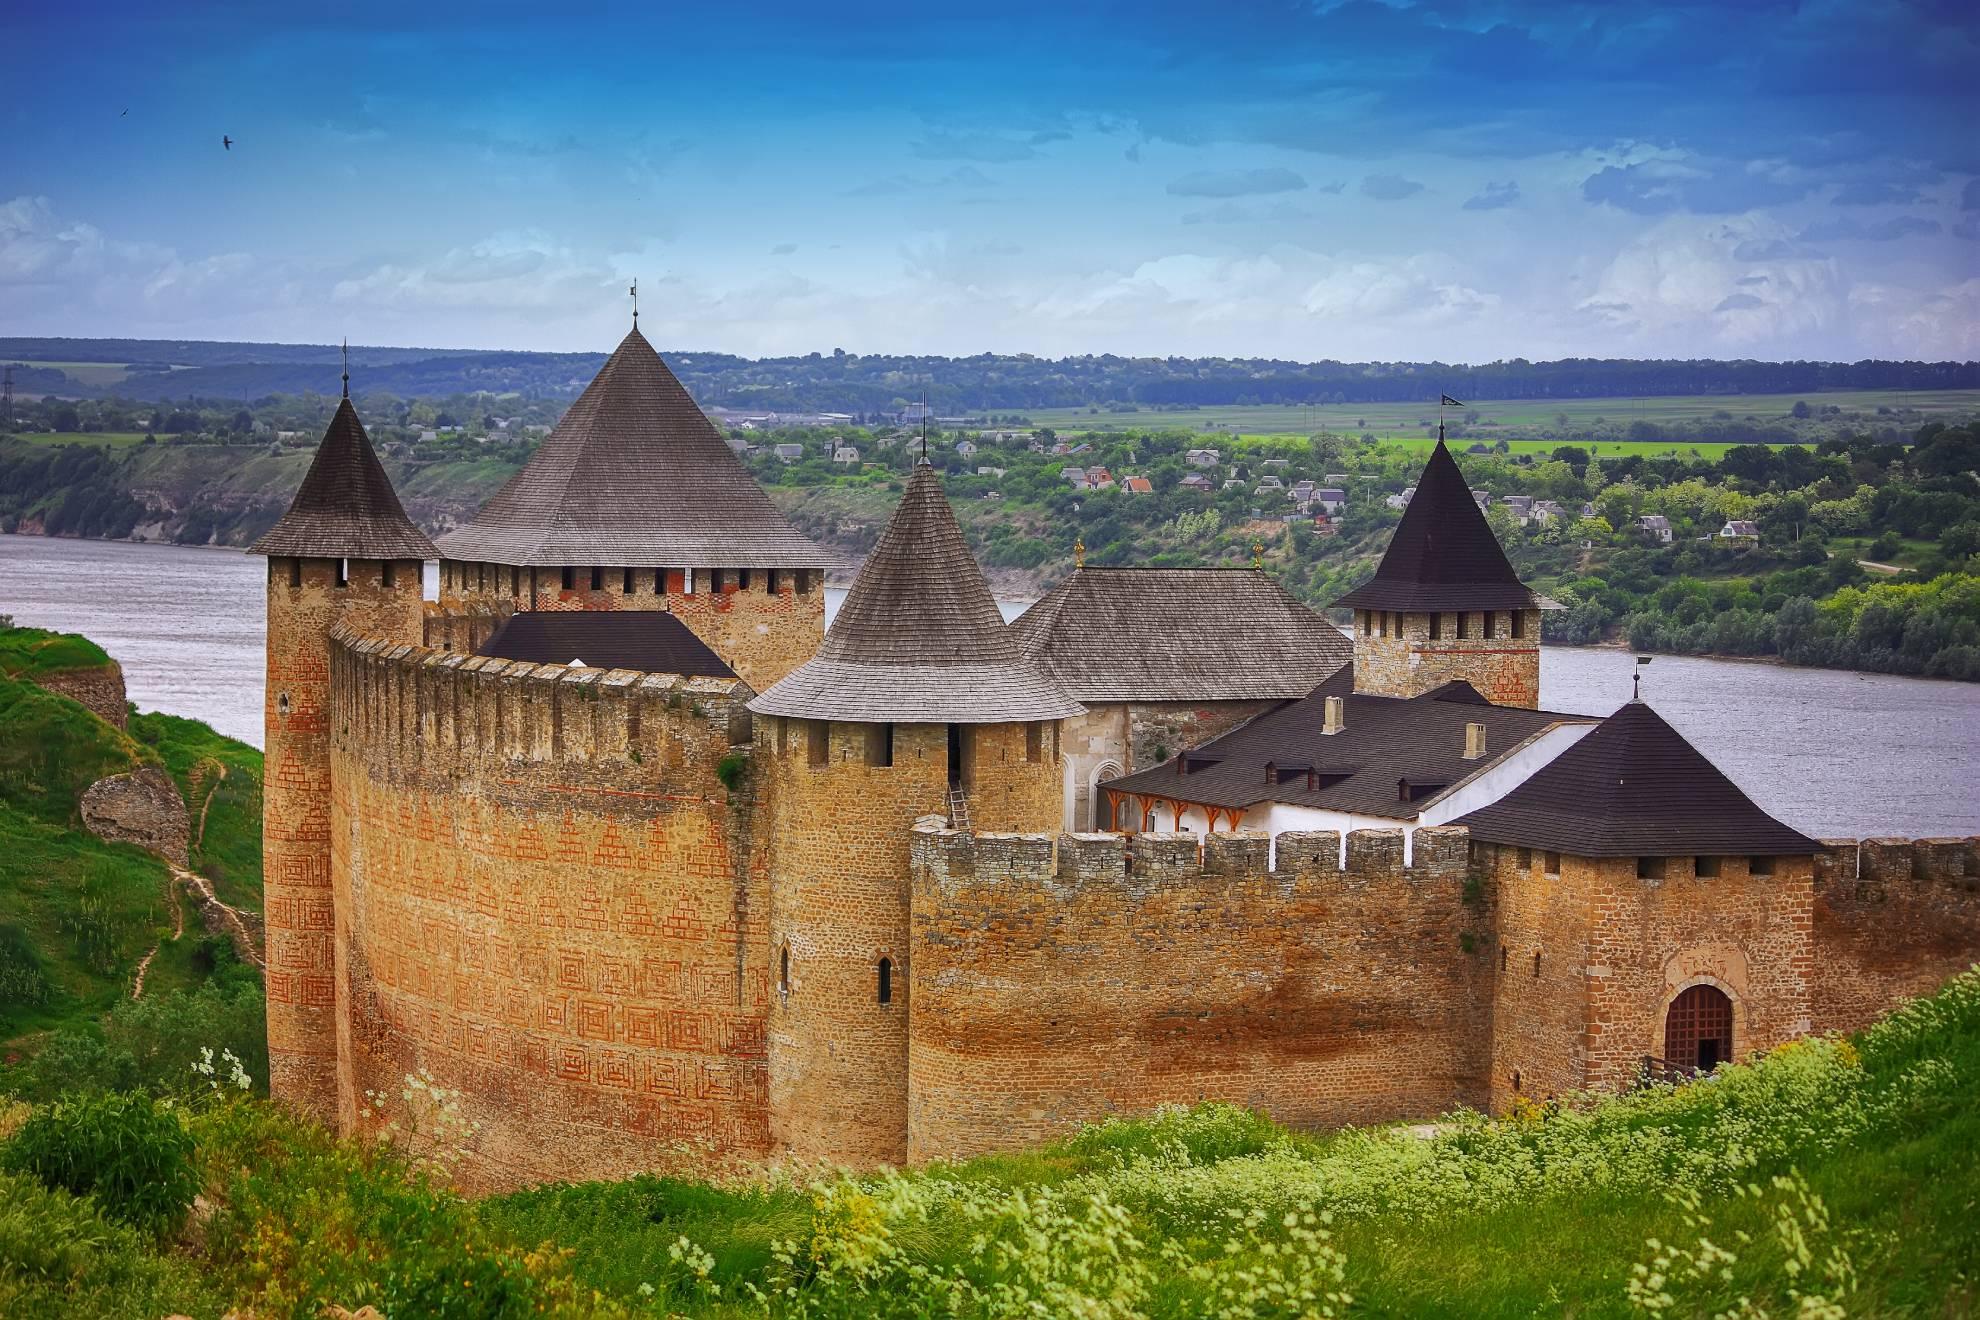 khotyn-castle-on-dniester-riverside-NPYRFQD (1)